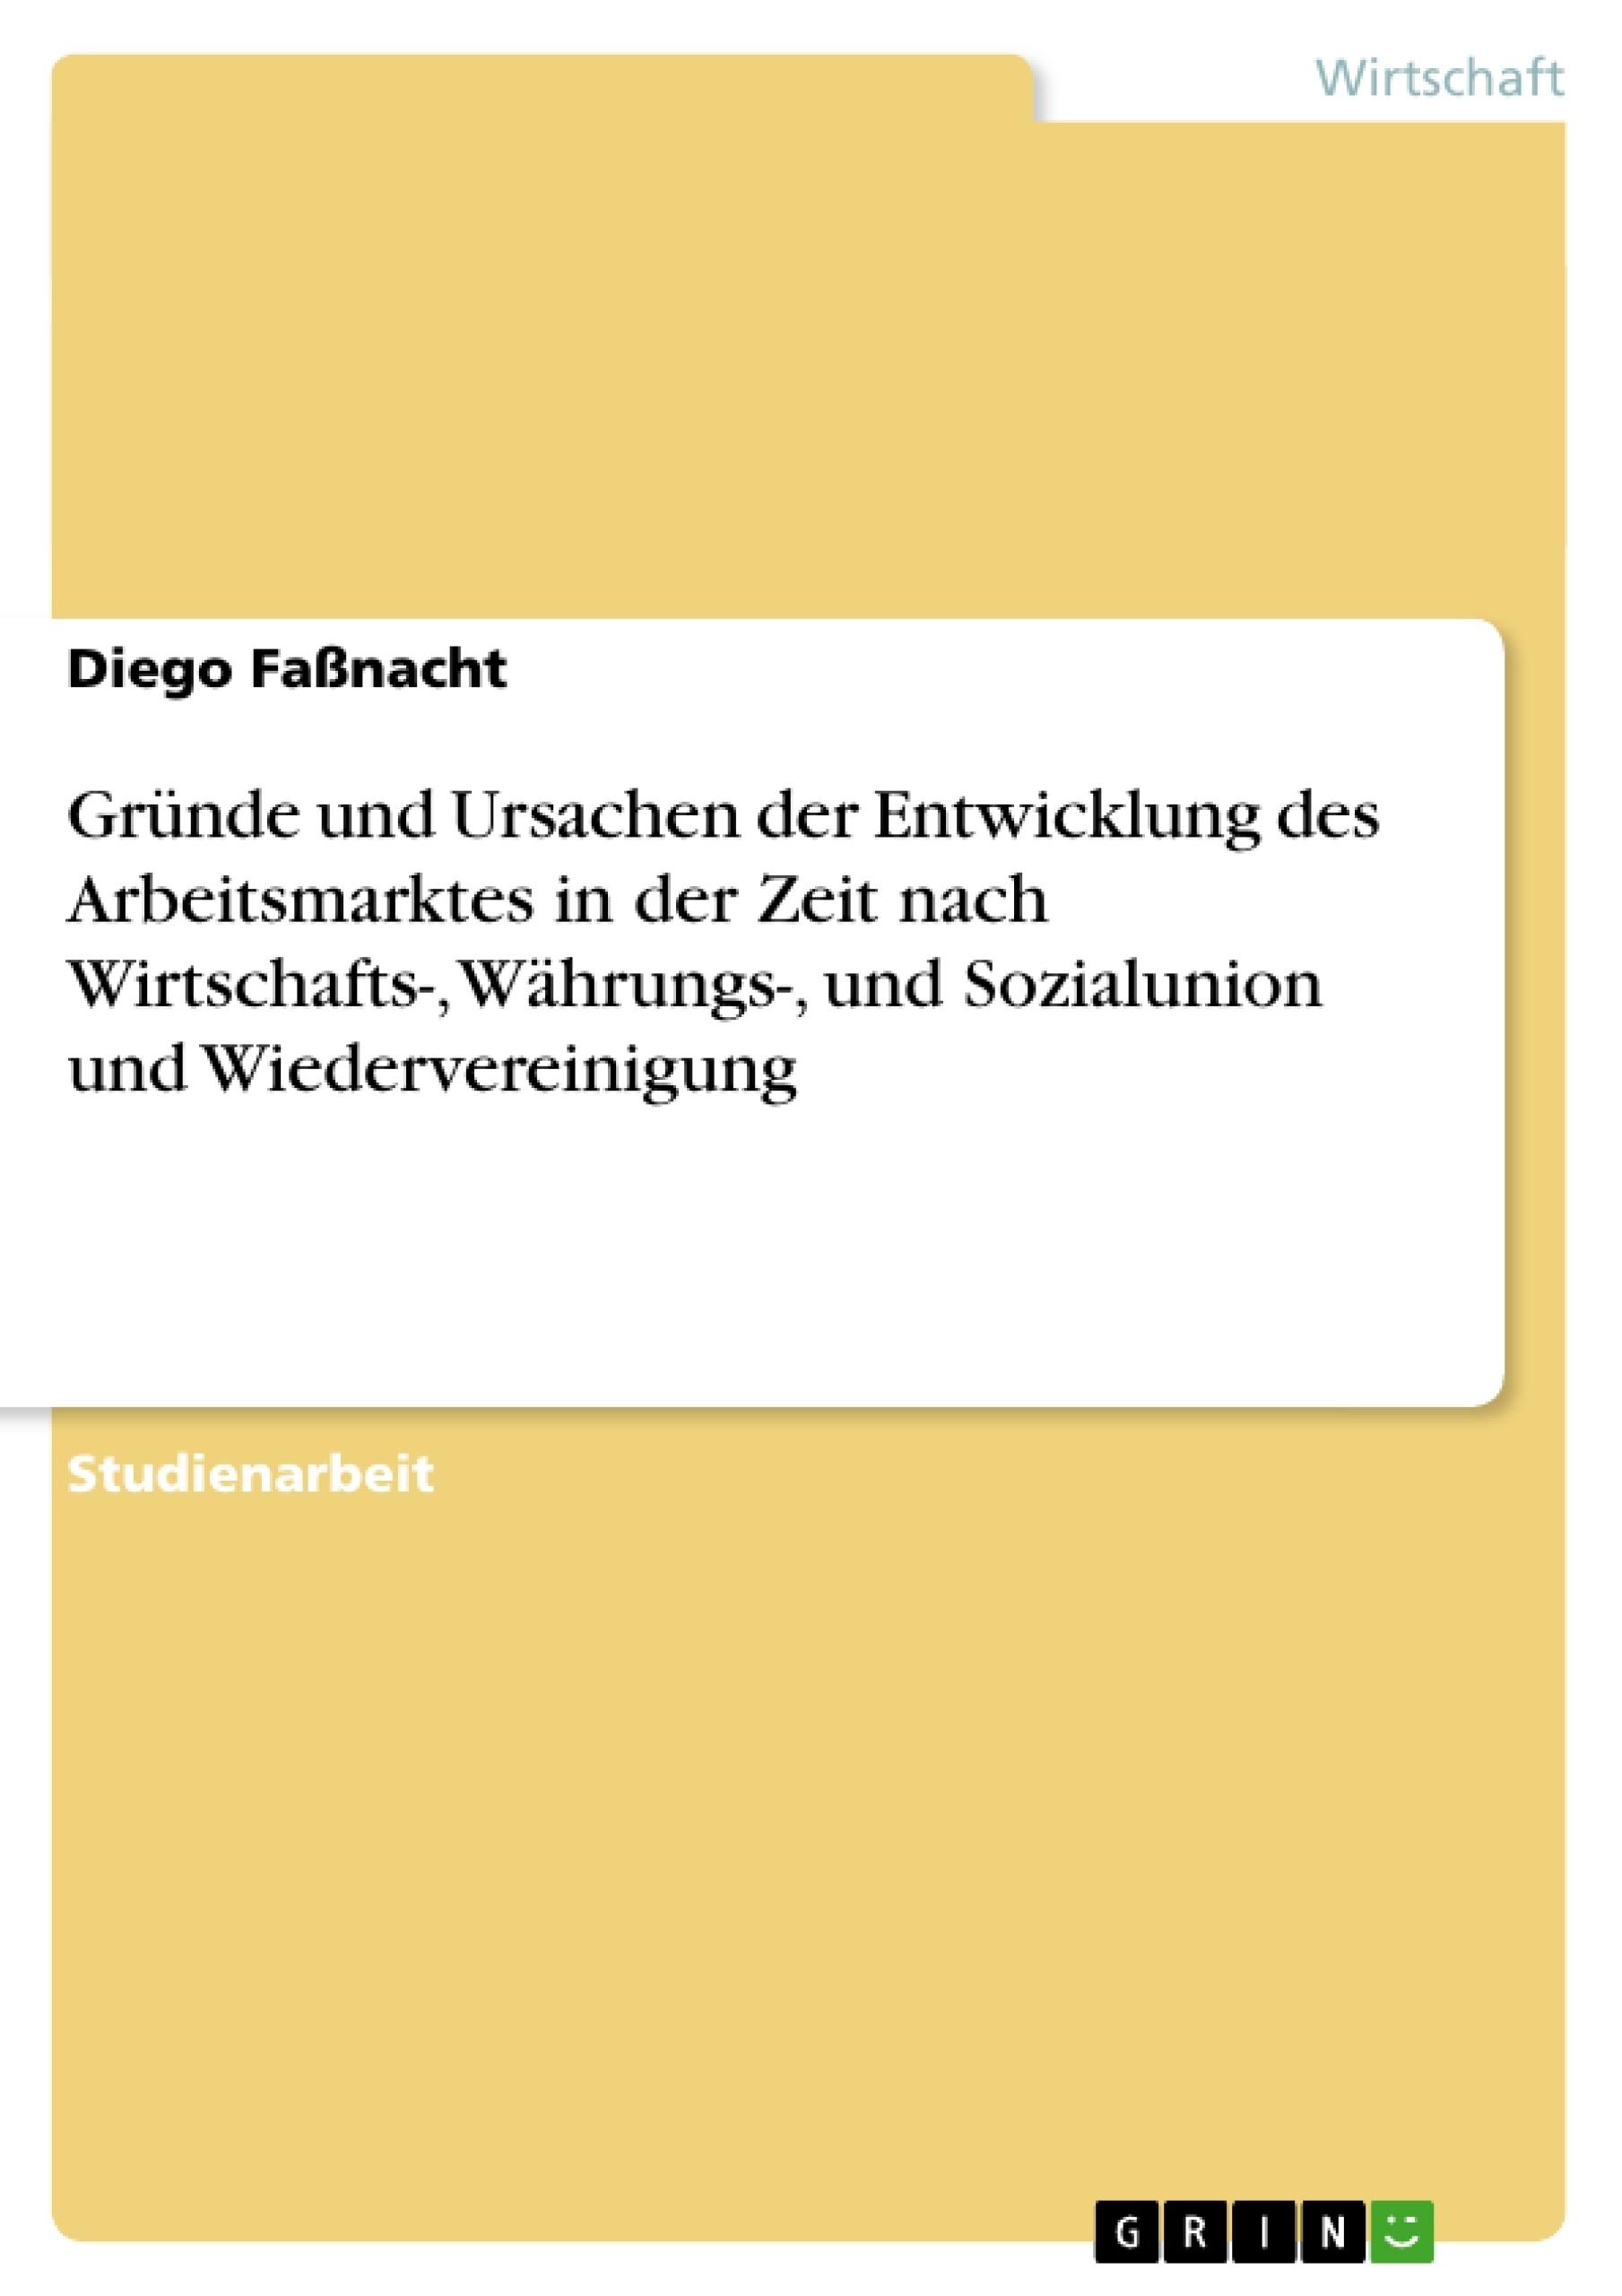 Titel: Gründe und Ursachen der Entwicklung des Arbeitsmarktes in der Zeit nach Wirtschafts-, Währungs-, und Sozialunion und Wiedervereinigung